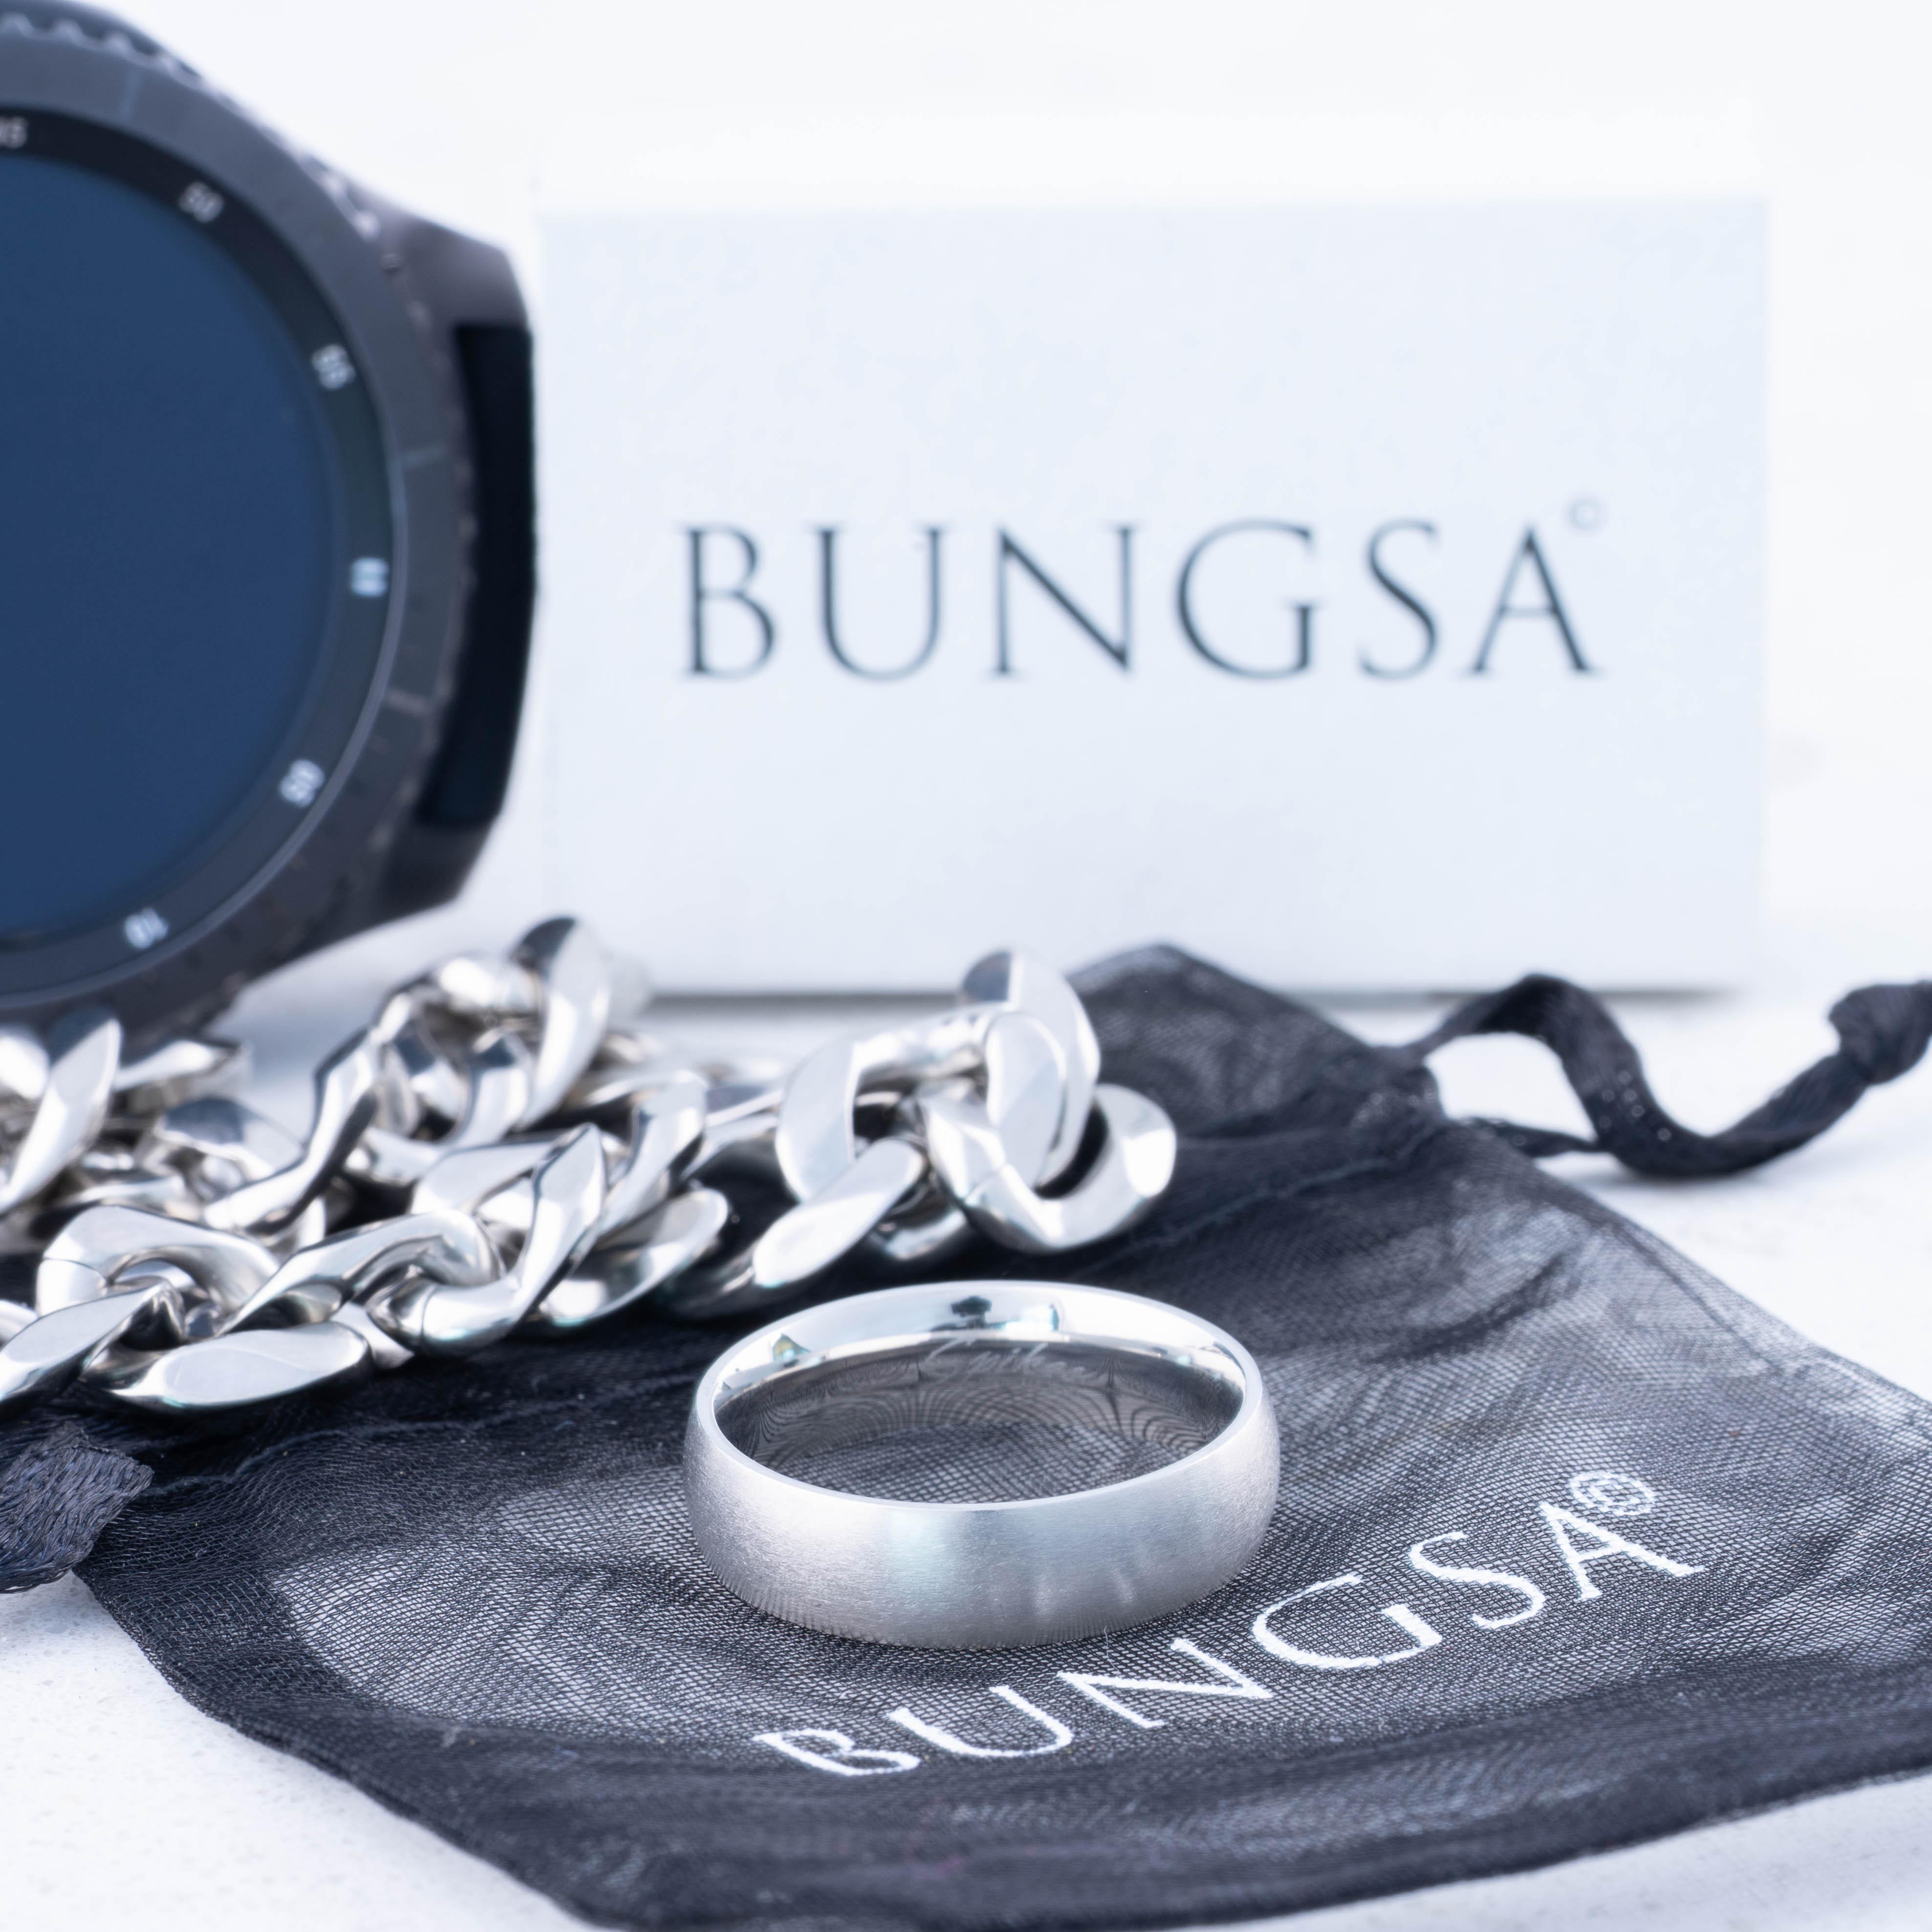 Ring-klassisch-matt-Silber-aus-Edelstahl-Unisex-Damen-Herren-Schwarz-Ringe-Gold Indexbild 237